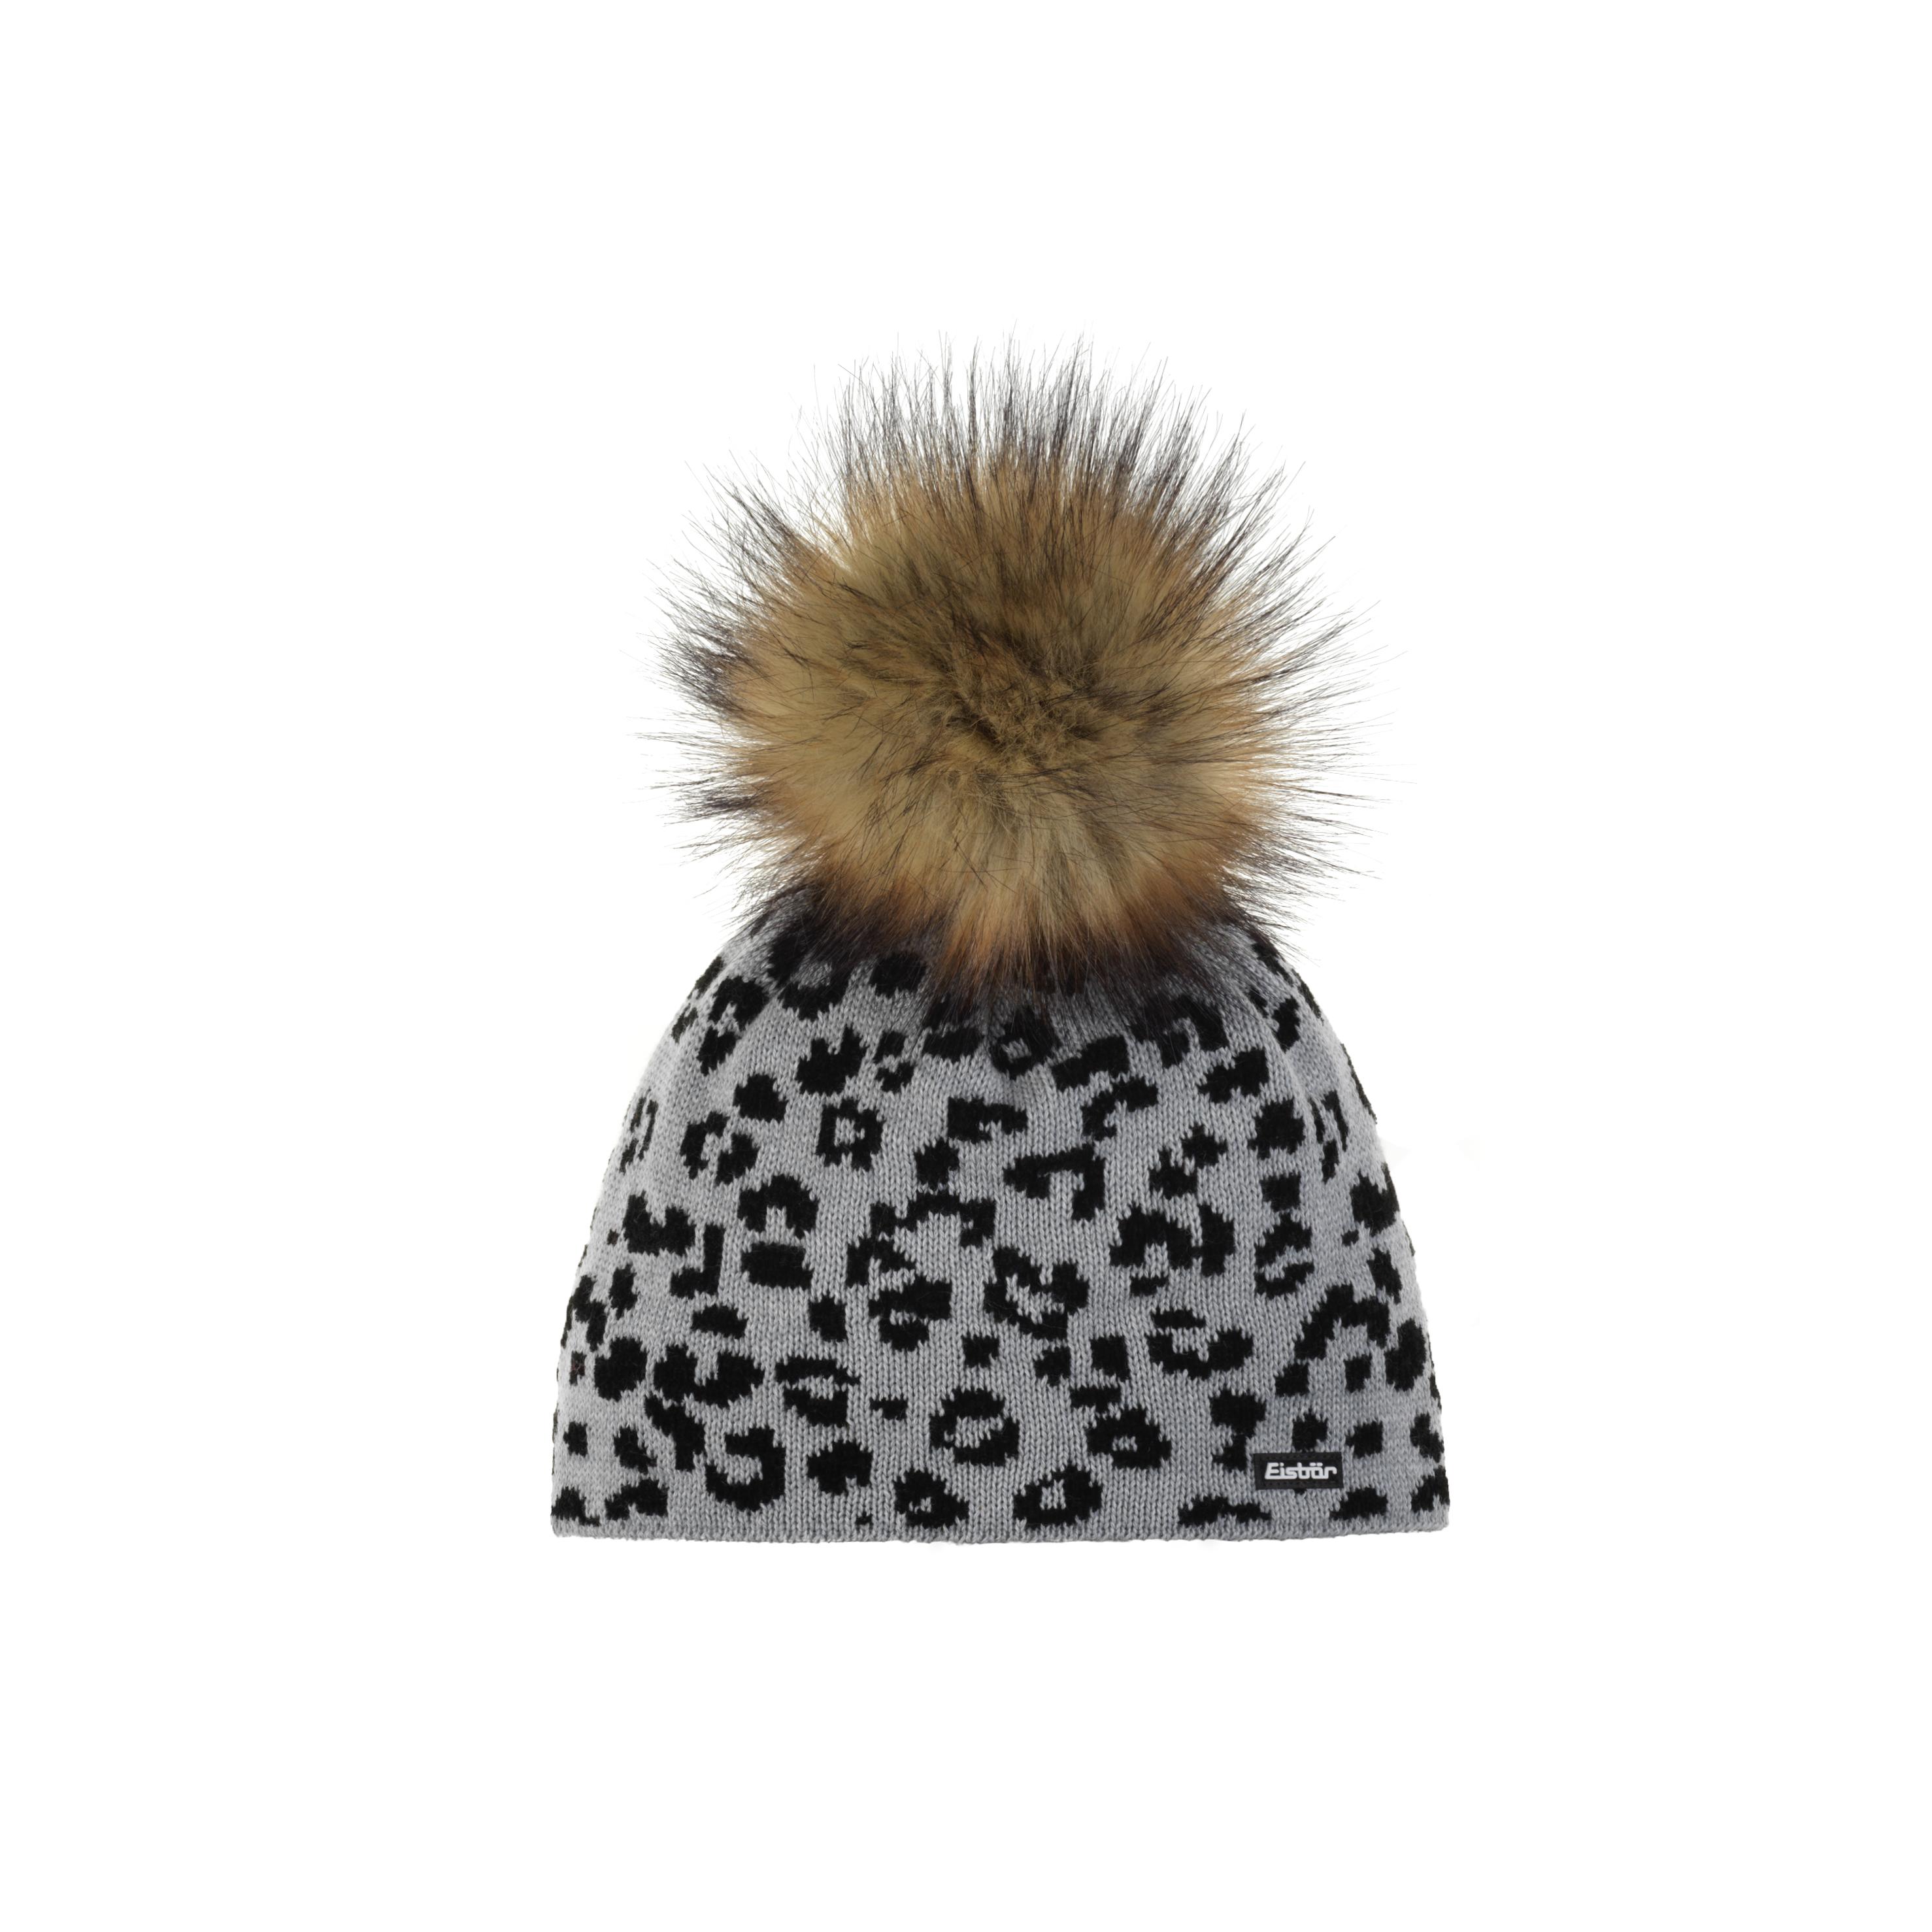 Eisbär Leora Lux Mütze